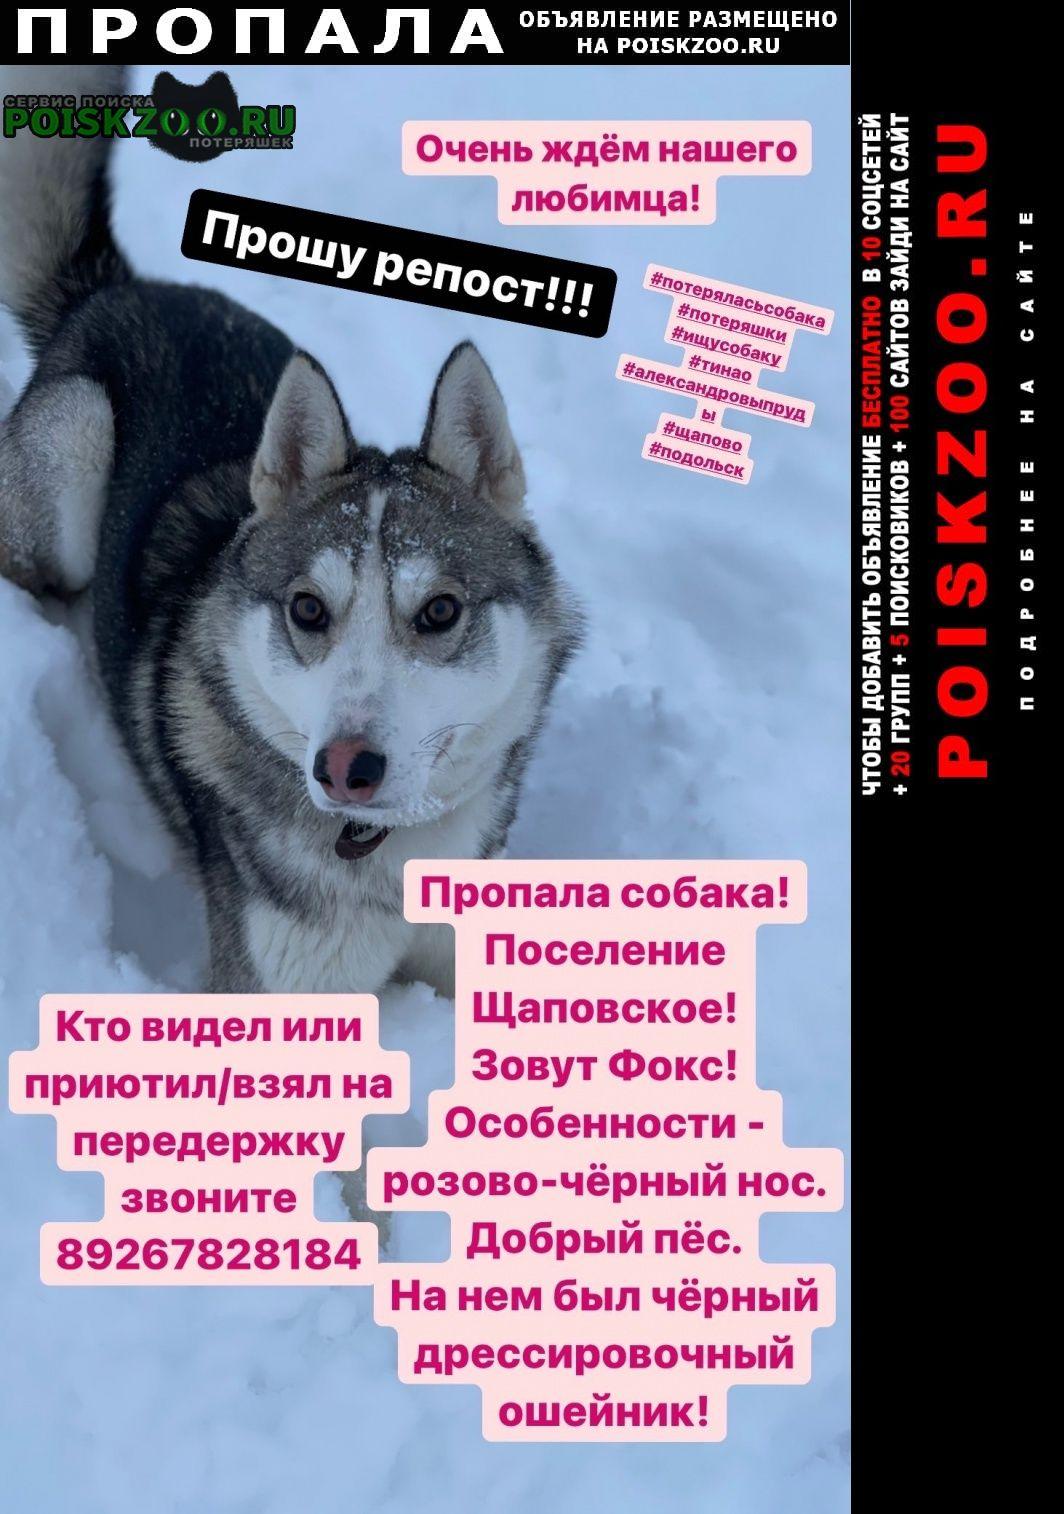 Троицк Пропала собака